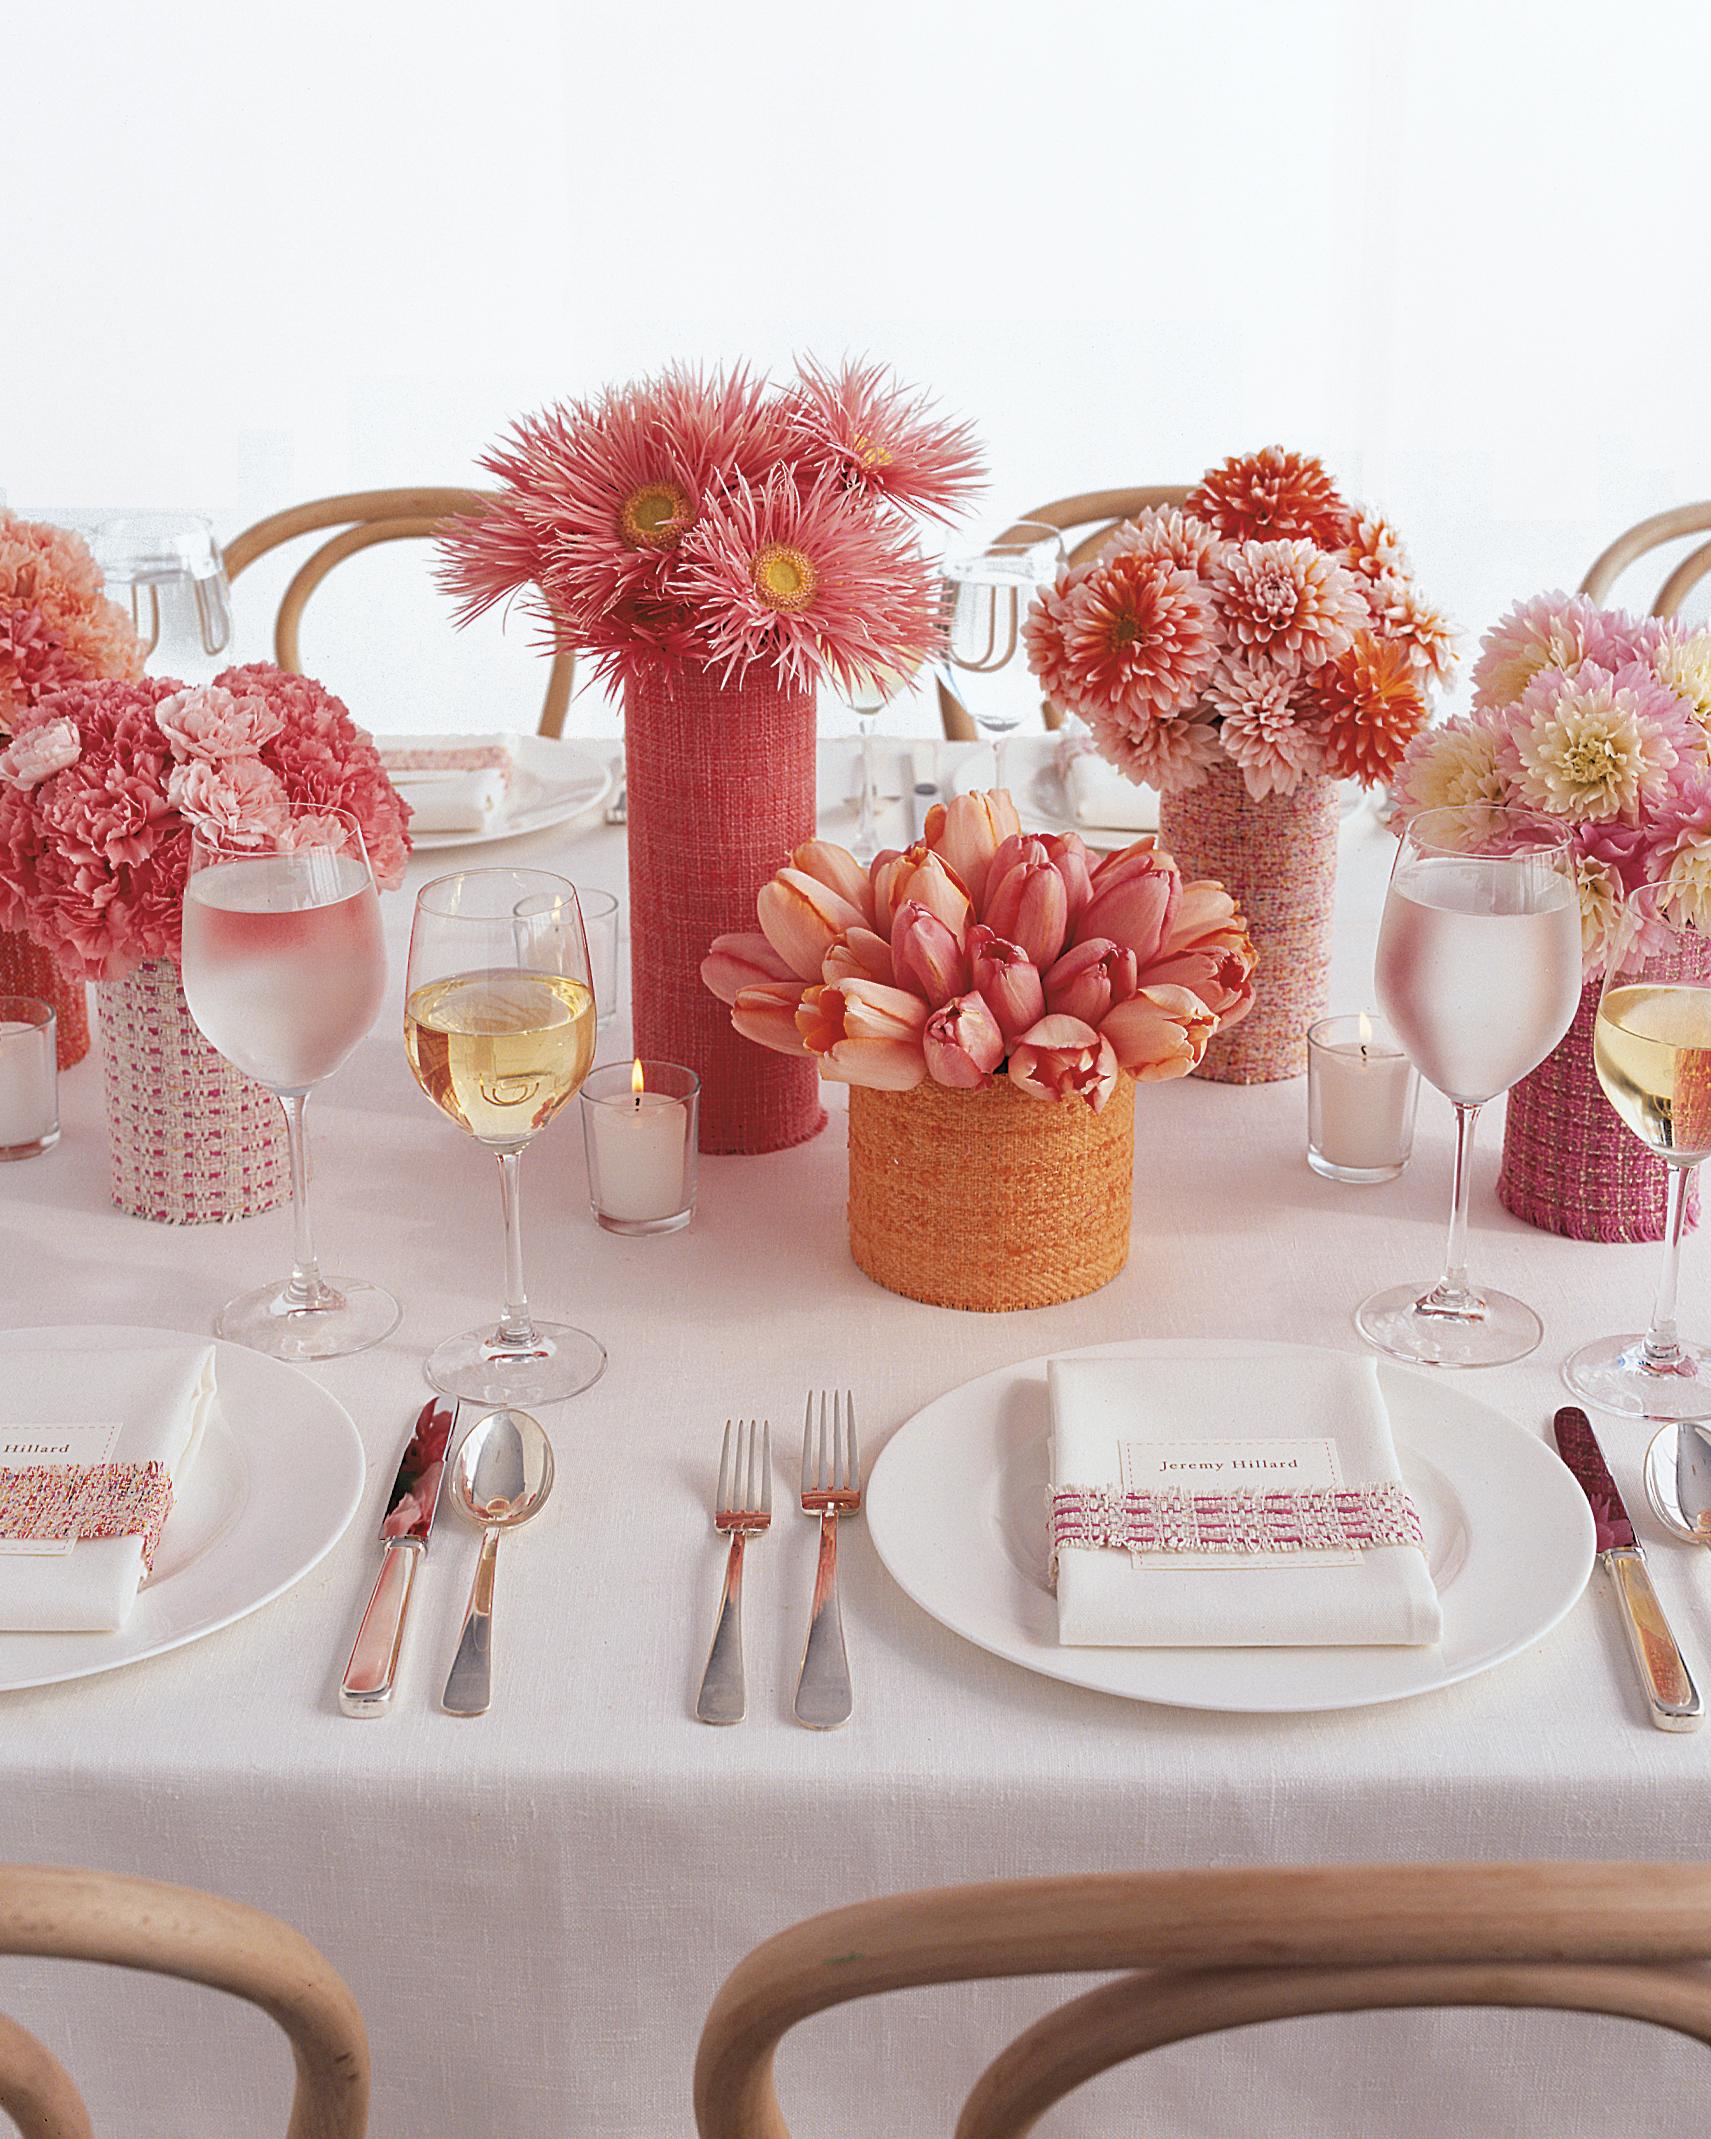 diy-winter-wedding-ideas-tweed-centerpieces-1114.jpg